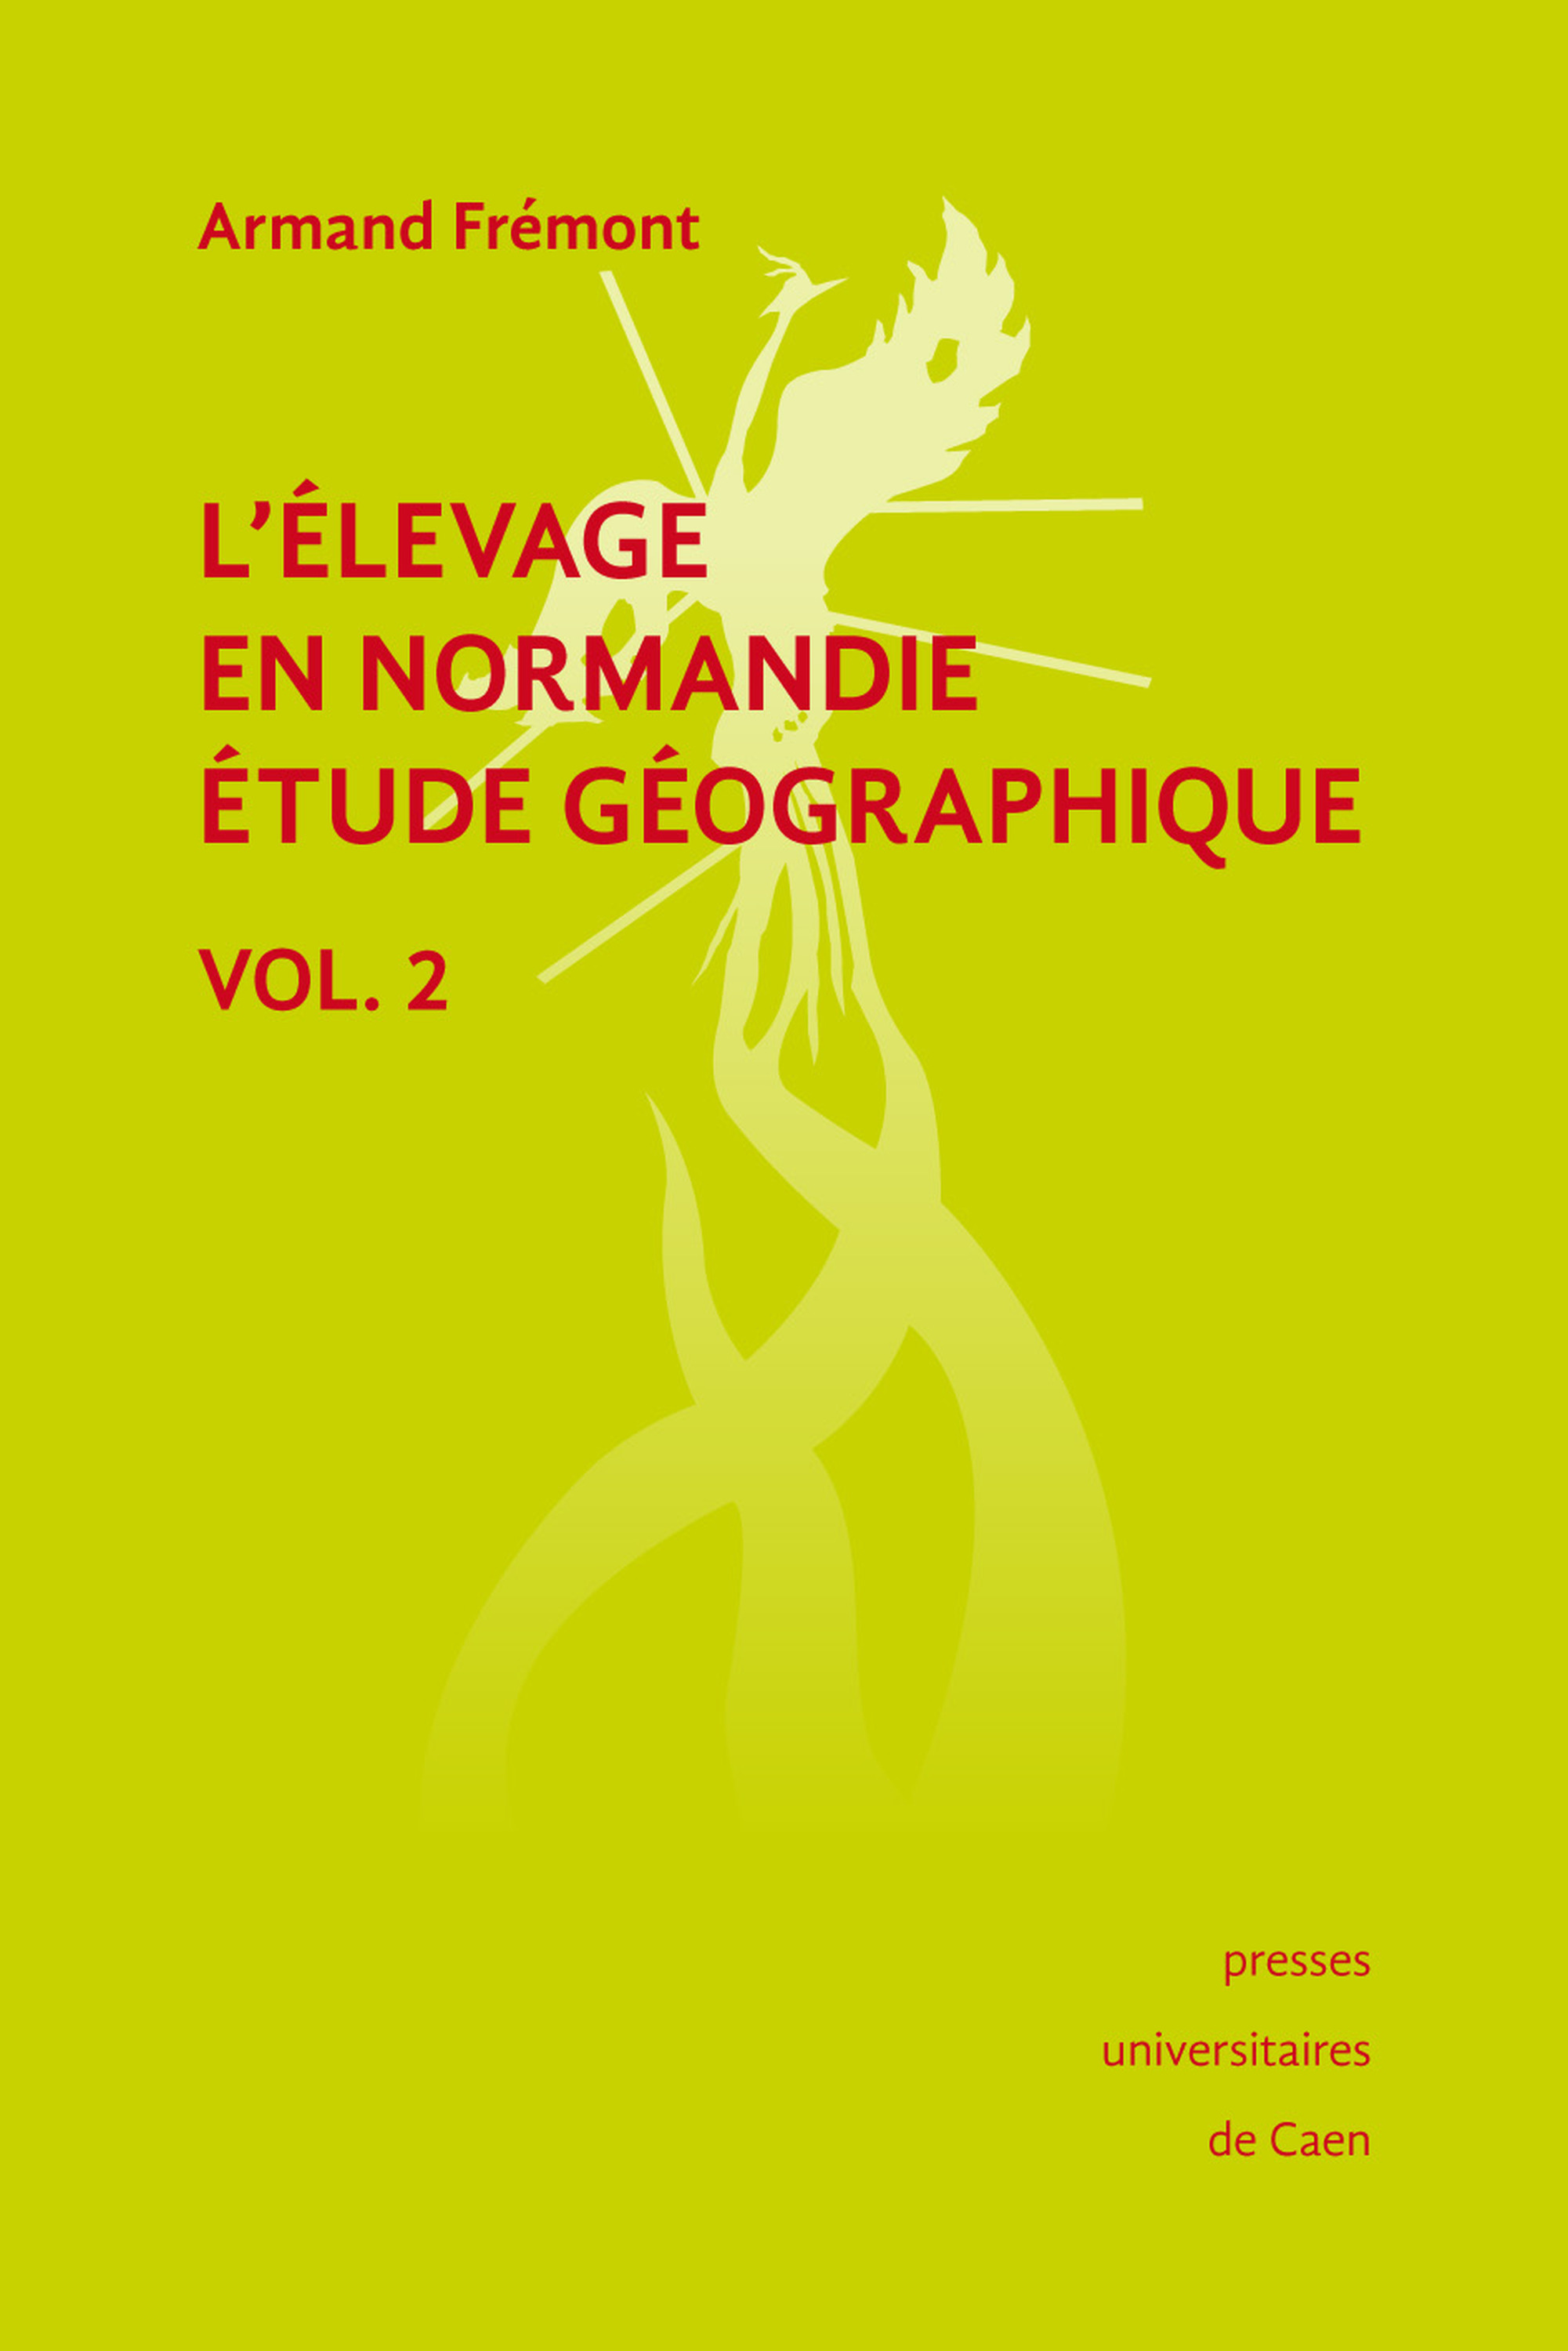 L'élevage en Normandie, étude géographique. Volume II